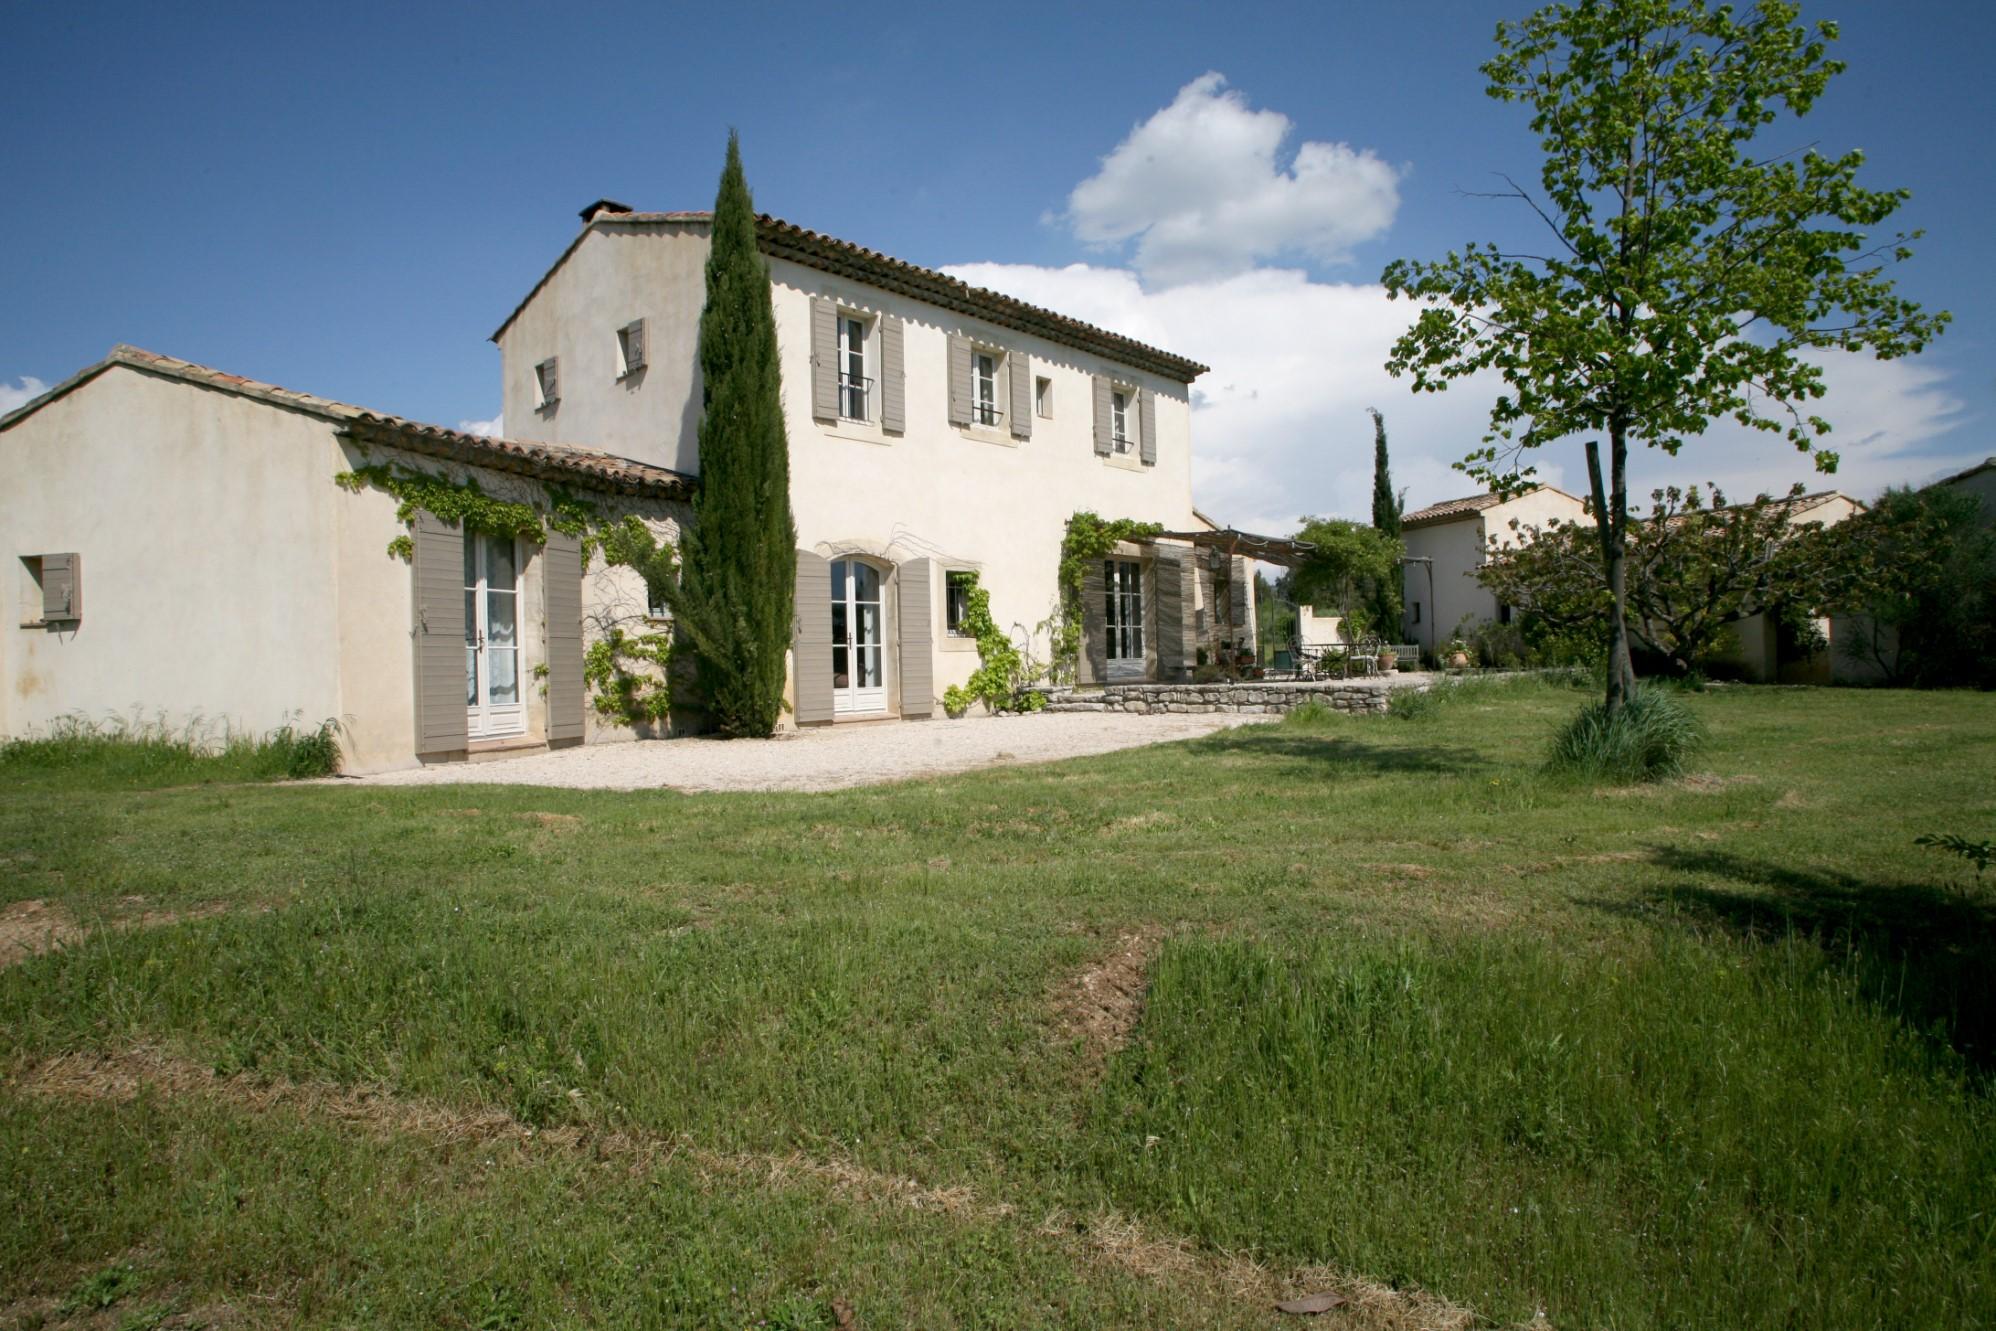 A vendre en Luberon,  propriété avec maison principale, mazet et maisons d'hôtes